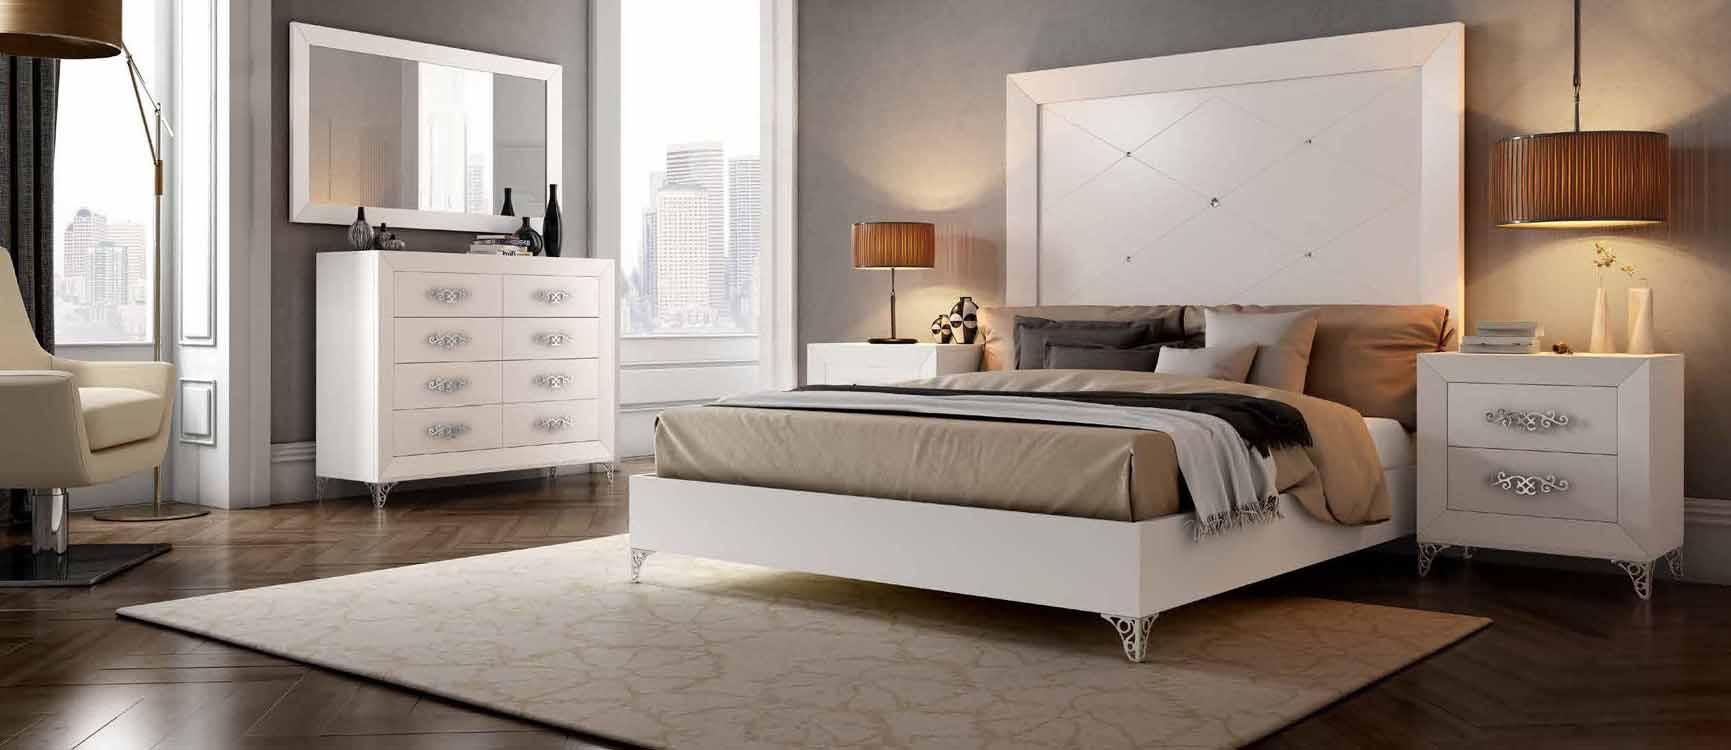 http://www.munozmuebles.net/nueva/catalogo/dormitorios1-2098-silene-9.jpg -  Fotografías con muebles con imágenes